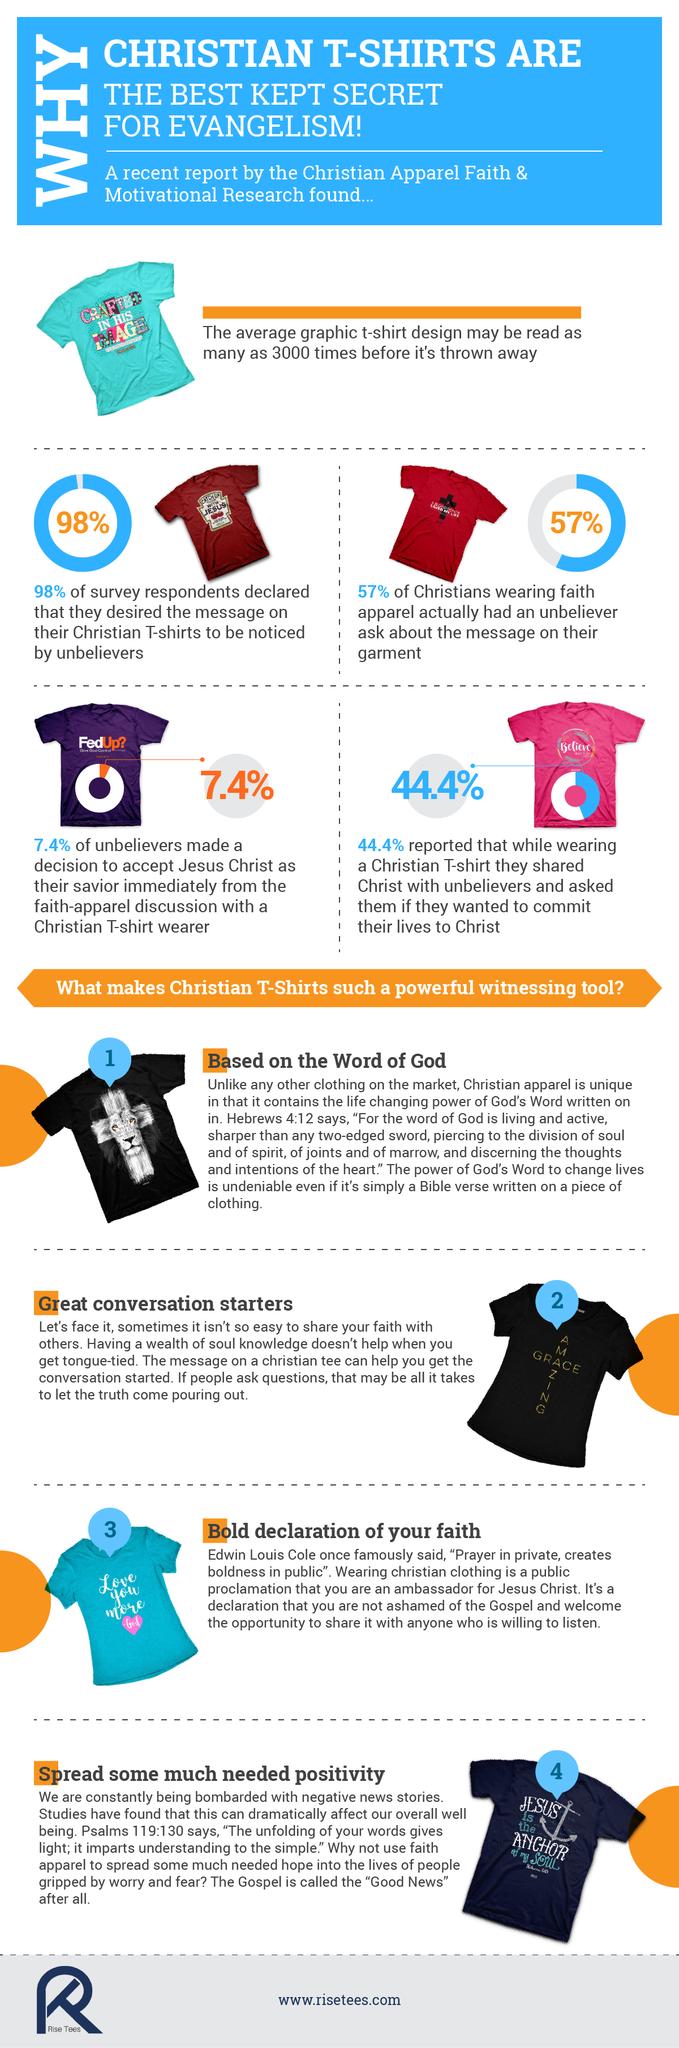 Christian T-Shirts: Best Kept Secret For Evangelism Infographic